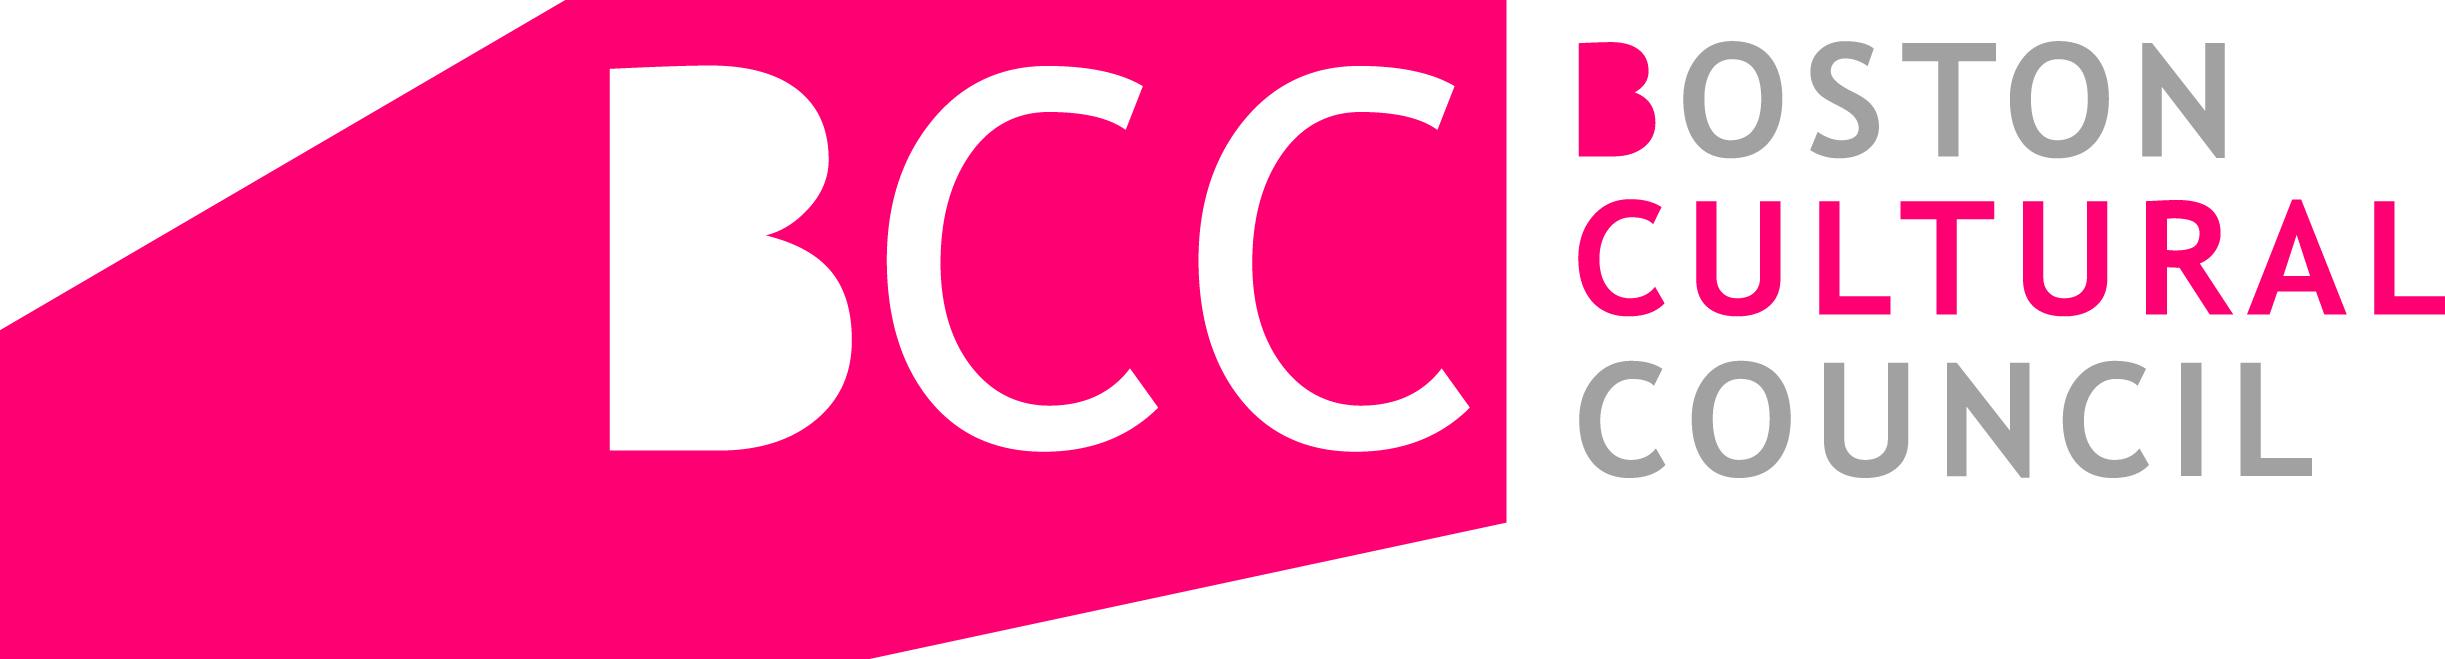 Boston Cultural Council Logo.jpg